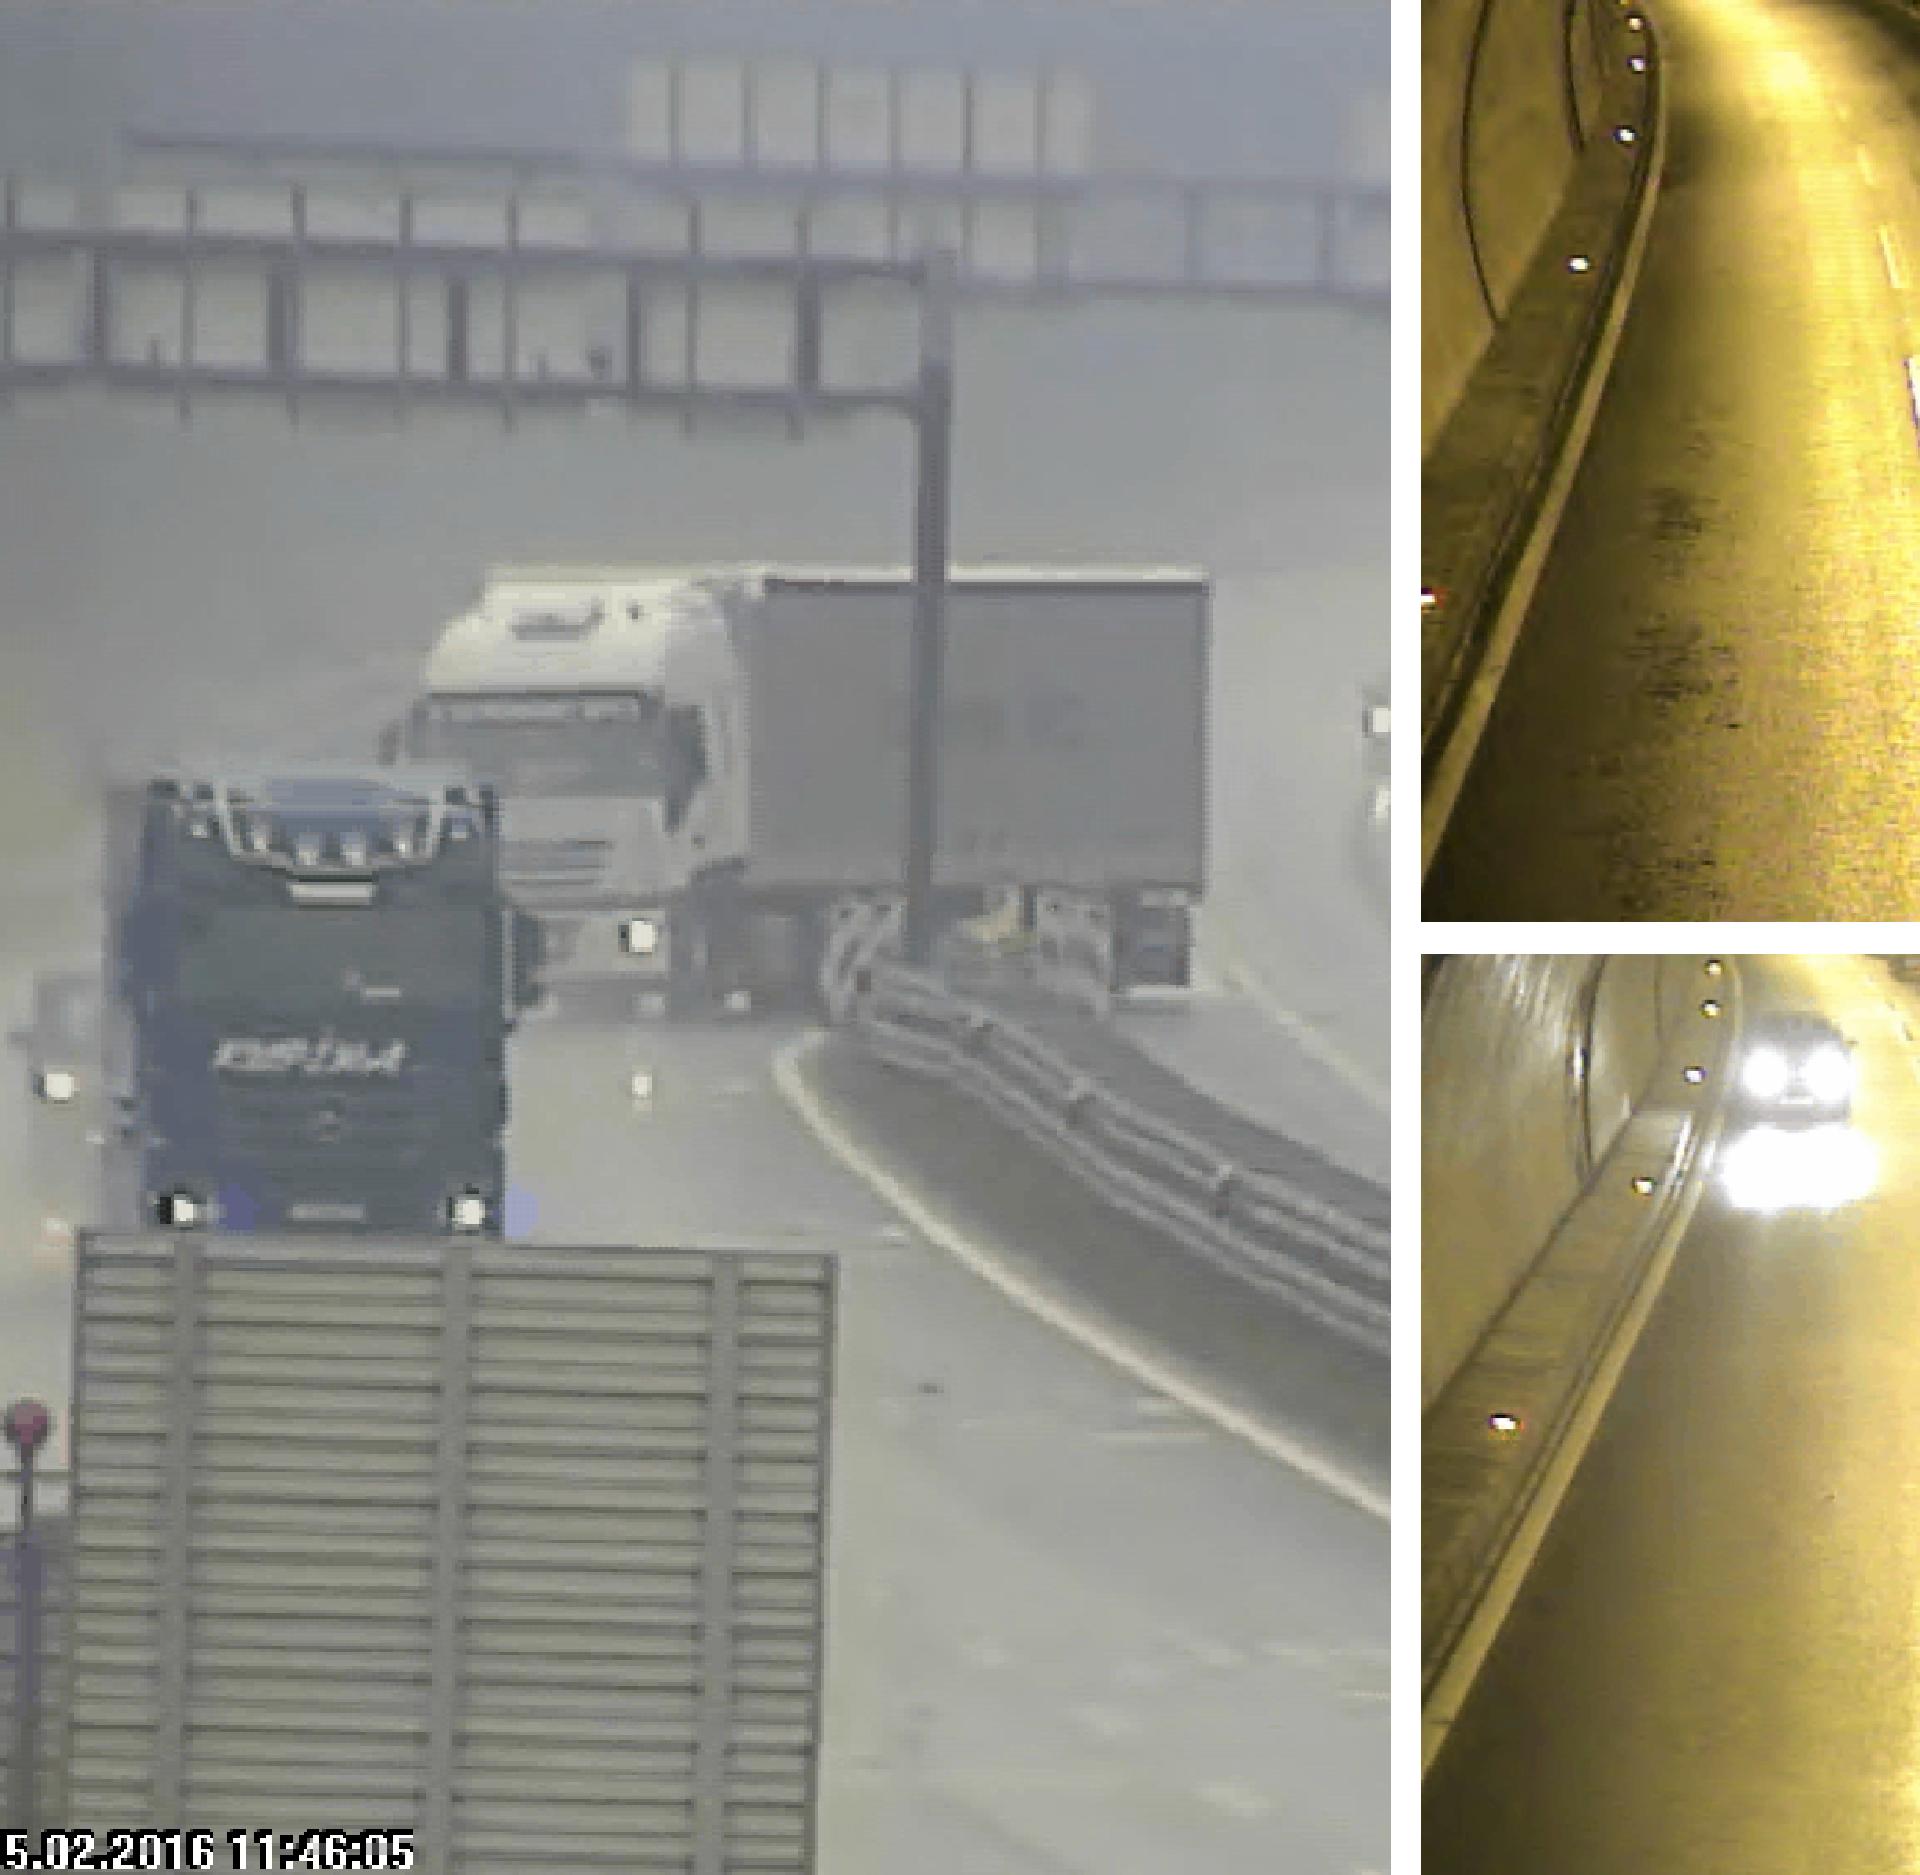 Snimile kamere: Voze u krivom smjeru, okreću se u tunelima...